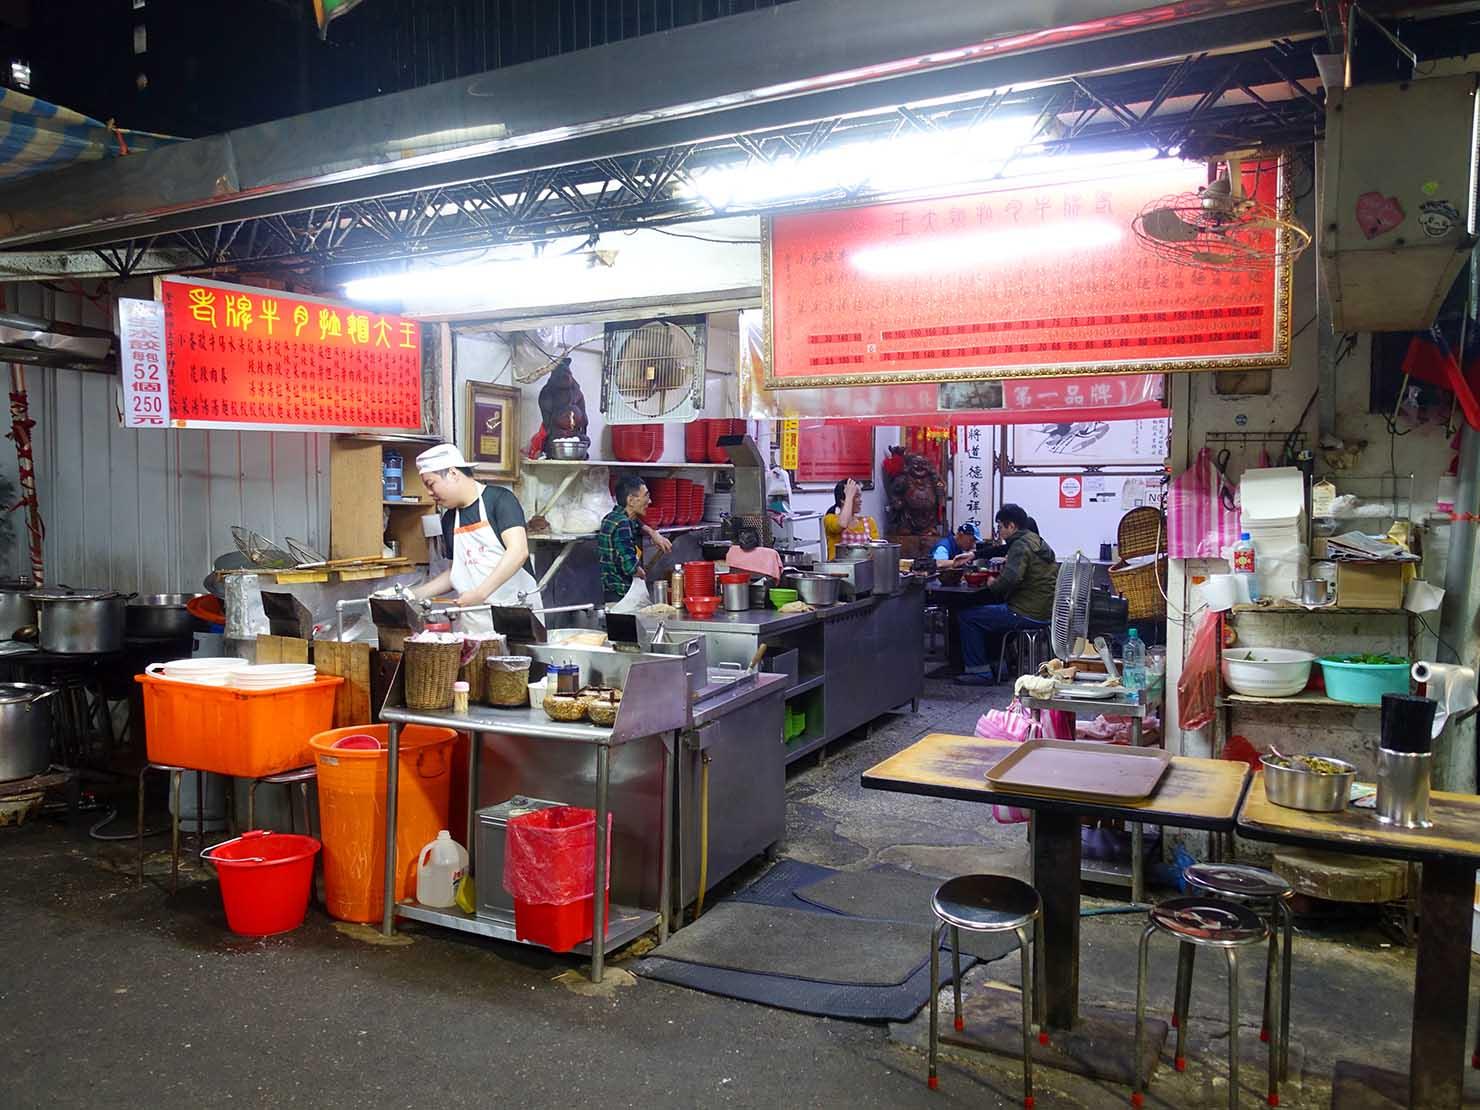 台北駅周辺のおすすめ台湾グルメ店「老牌牛肉拉麵大王」の外観